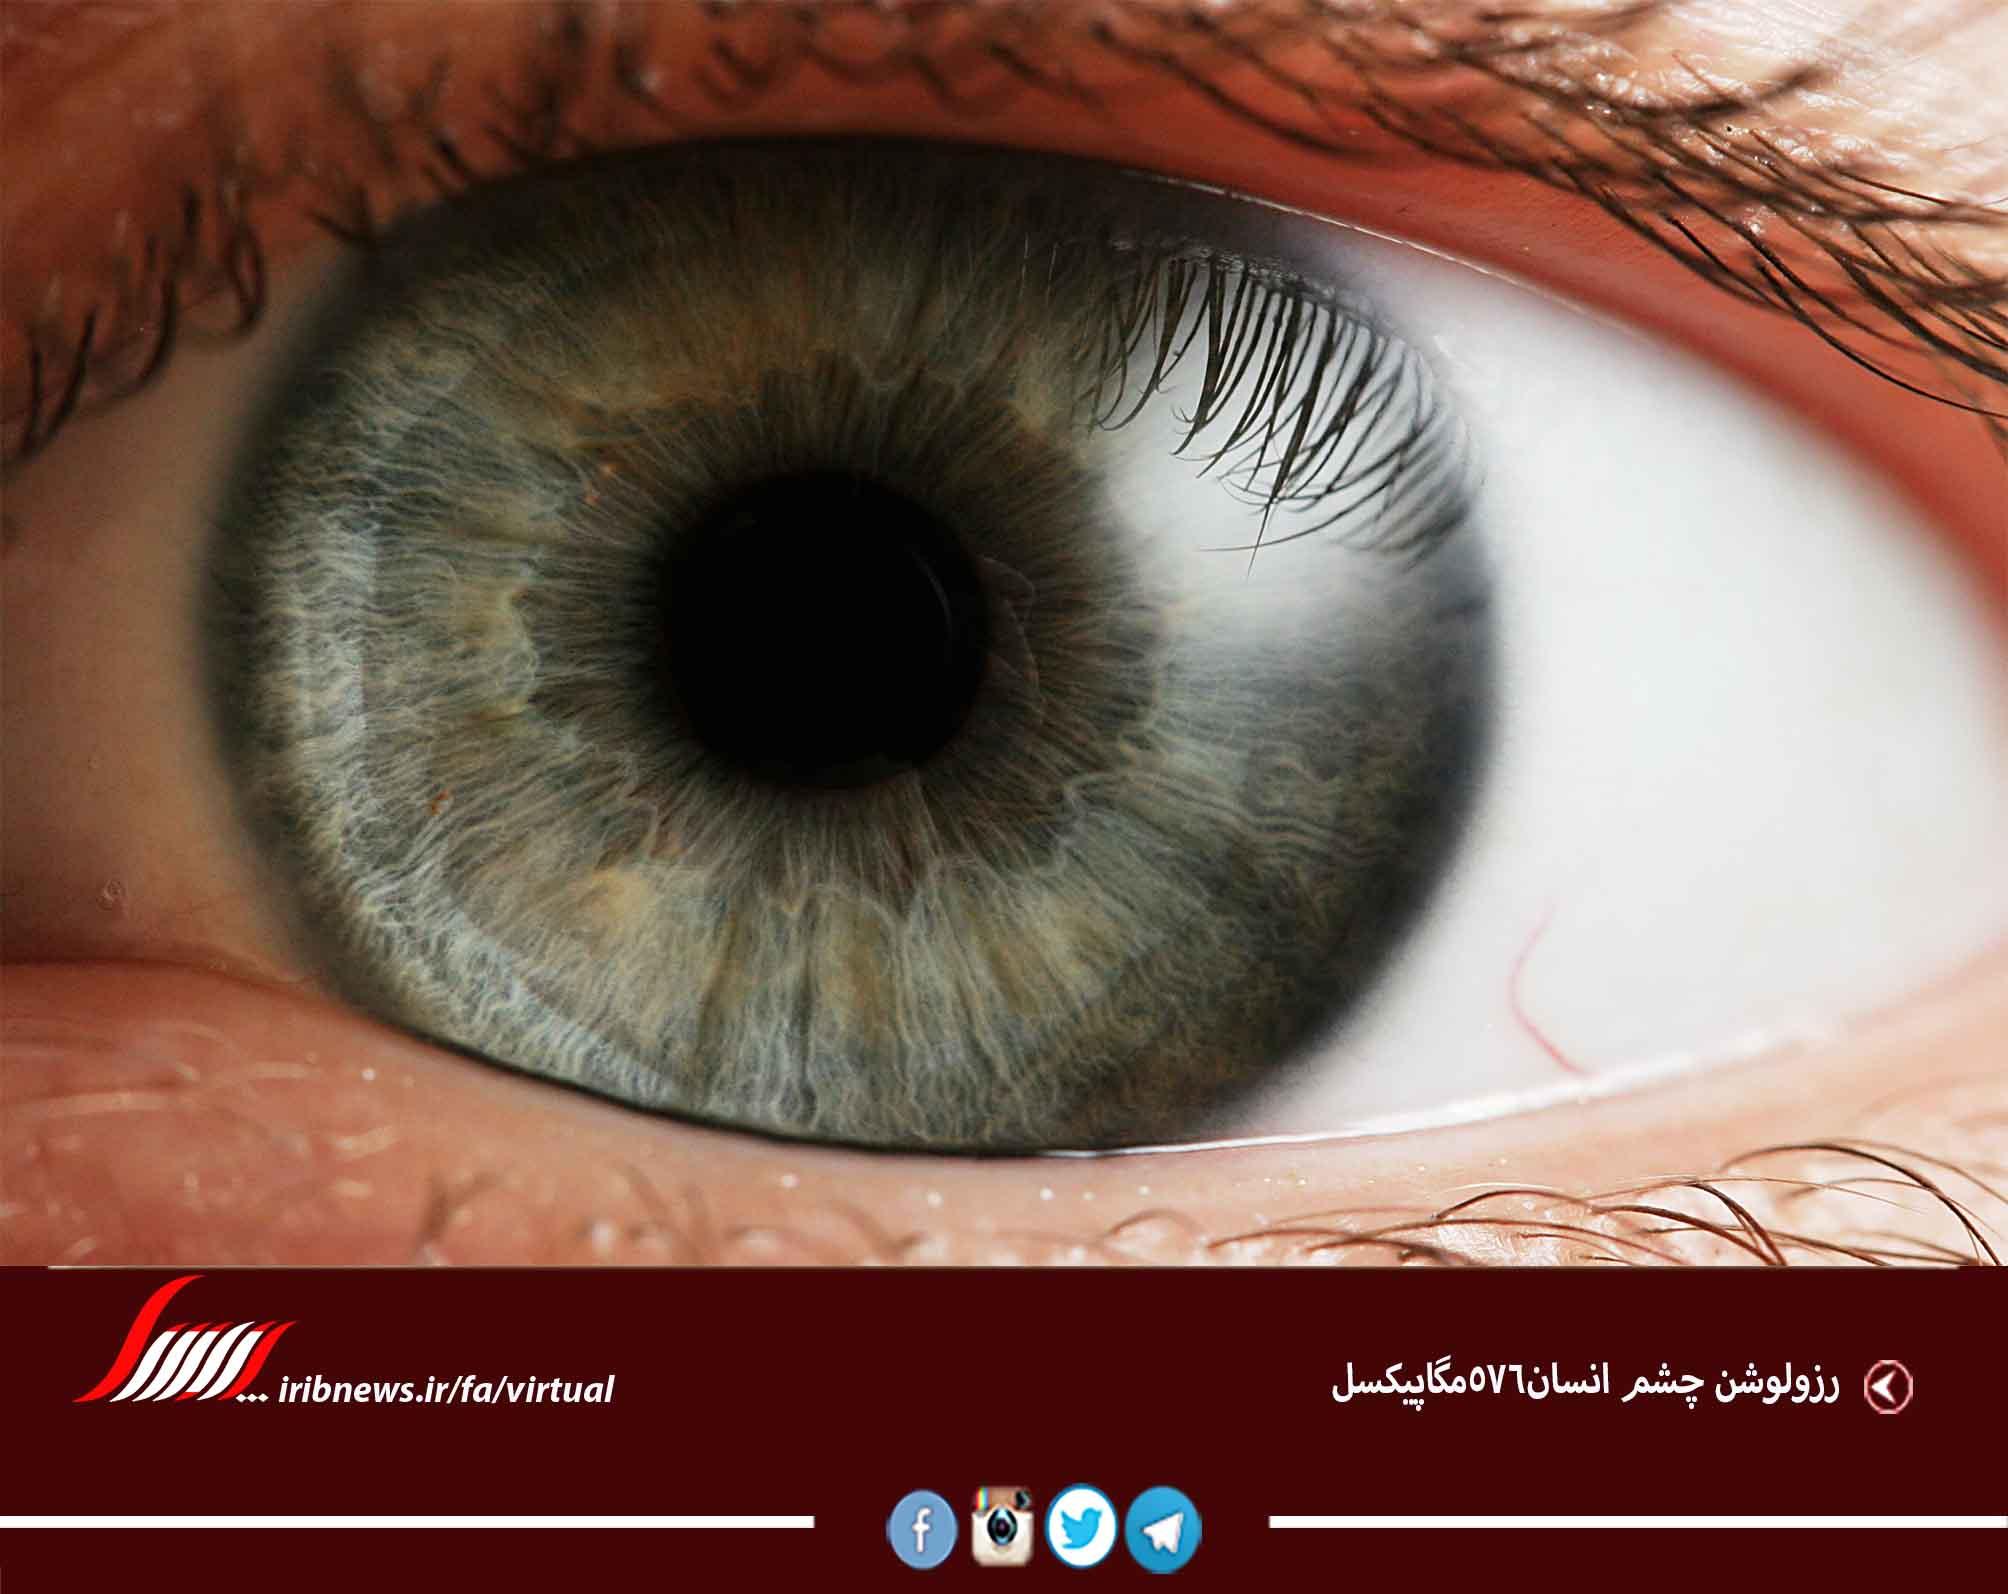 رزولوشن چشم انسان576مگاپیکسل